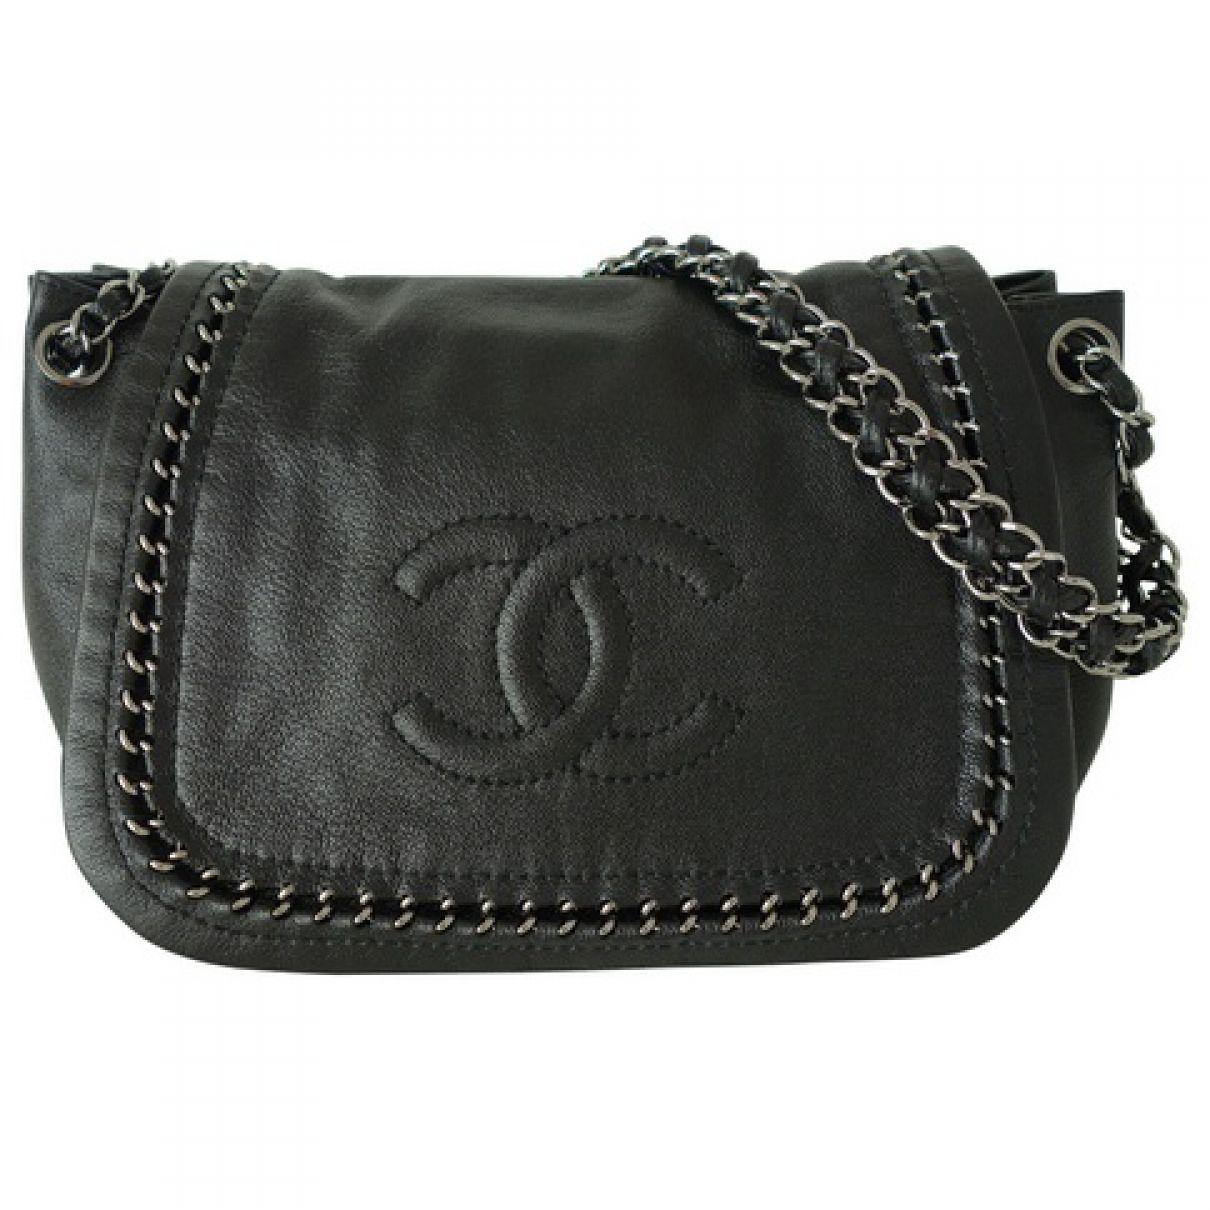 84935dc0d9a5 Chanel Black Leather Handbag | Vestiaire Collective | Bags!!!!! :D ...